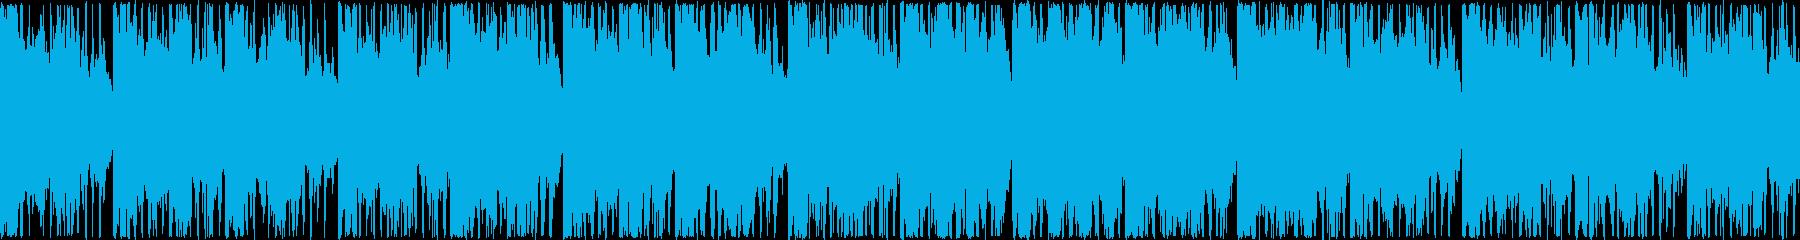 古代を彷彿とさせるようなBGMです。の再生済みの波形